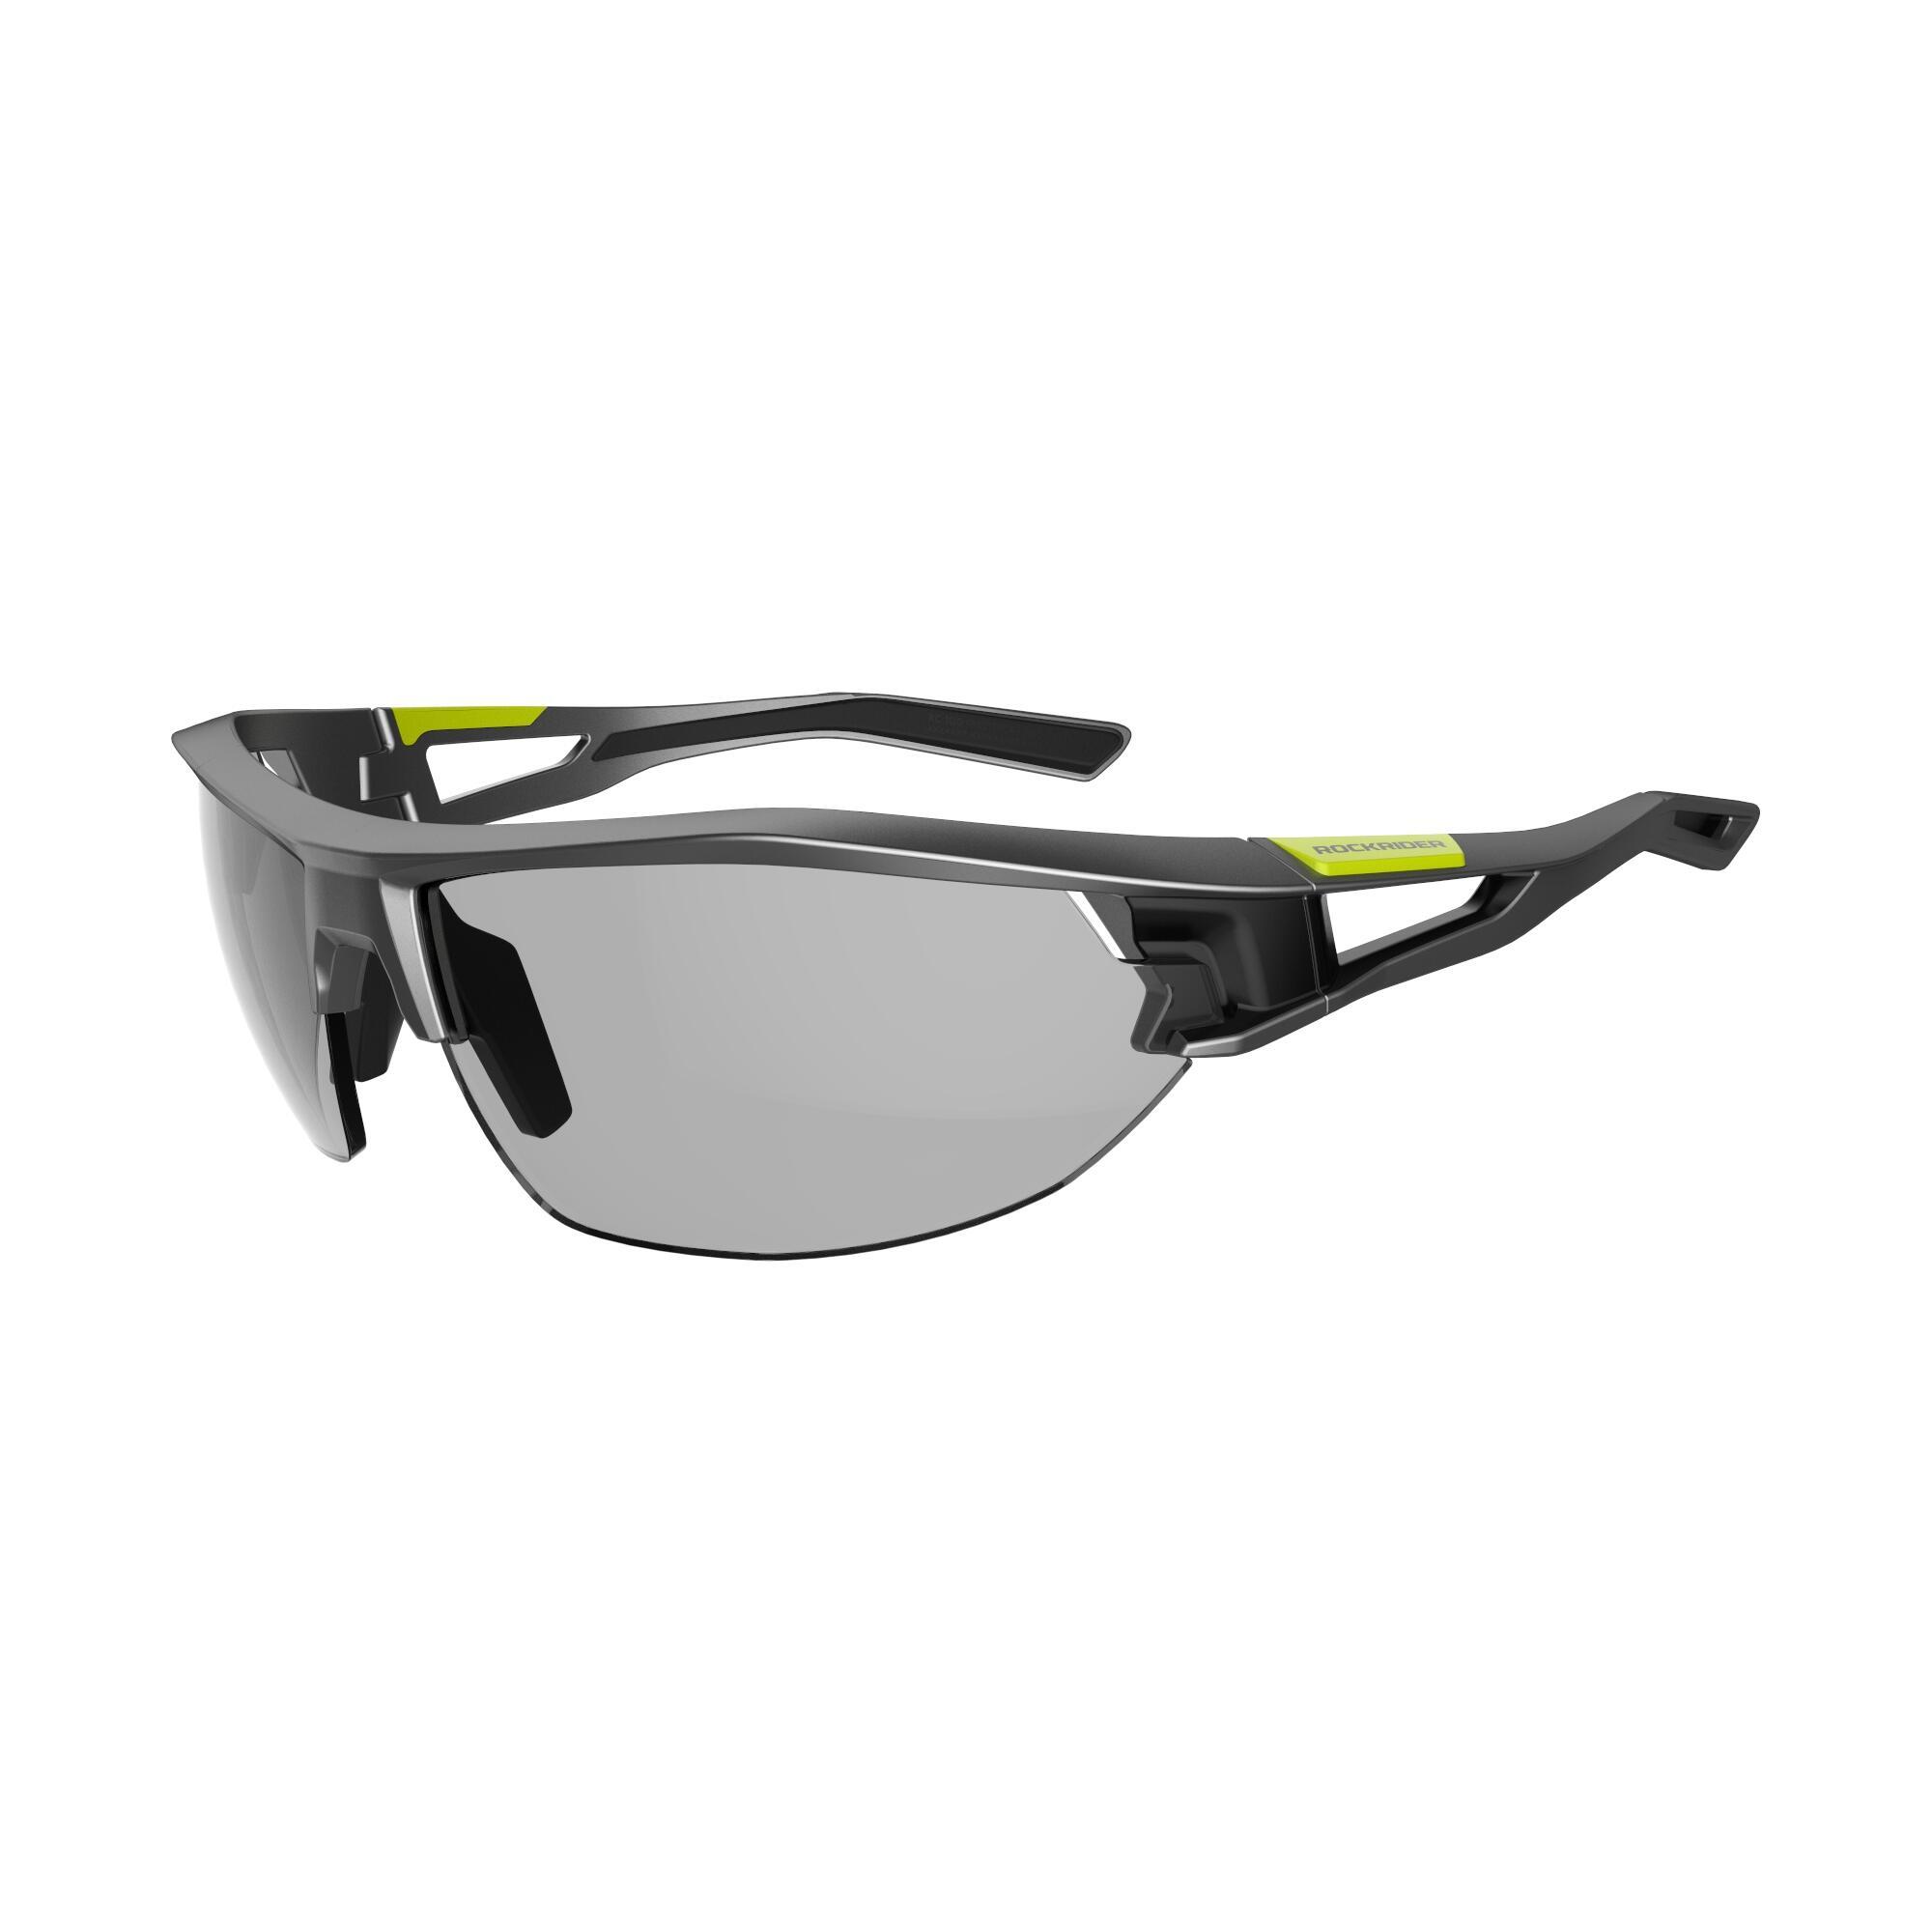 Rockrider Fietsbril volwassenen XC 120 fotochromisch grijs en zwart categorie 1 tot 3 kopen? Sport accessoires met voordeel vind je hier